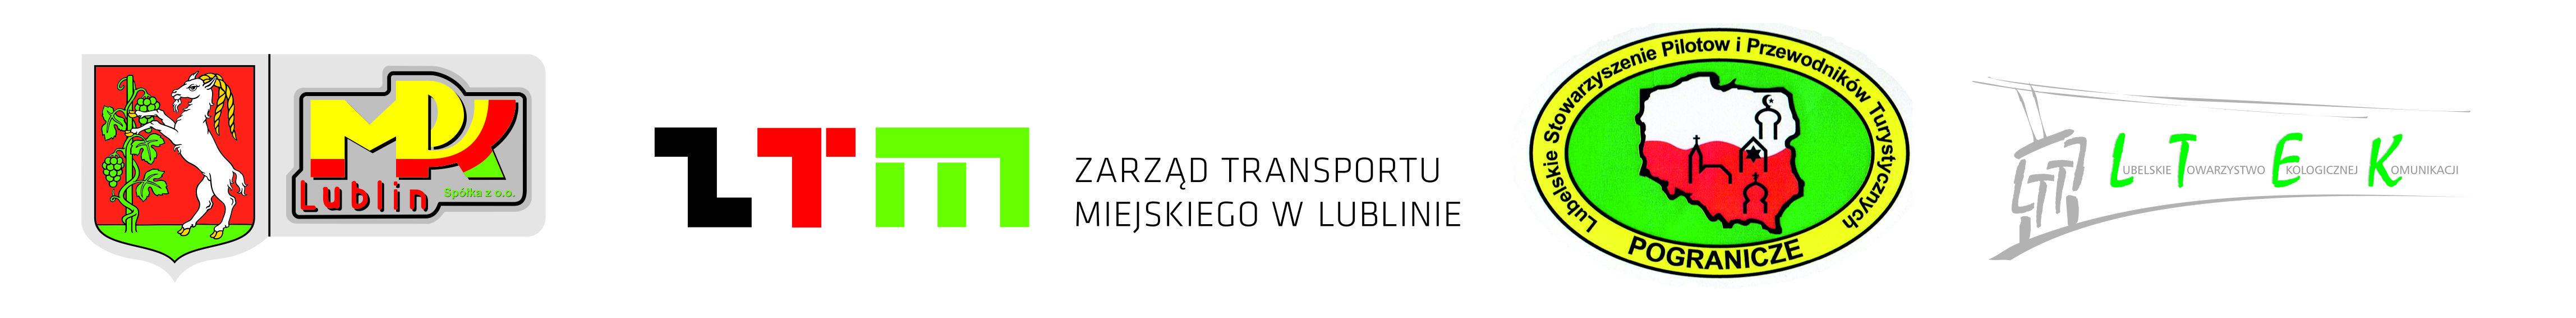 https://www.ztm.lublin.eu/uploads/loga_liniaT.jpg